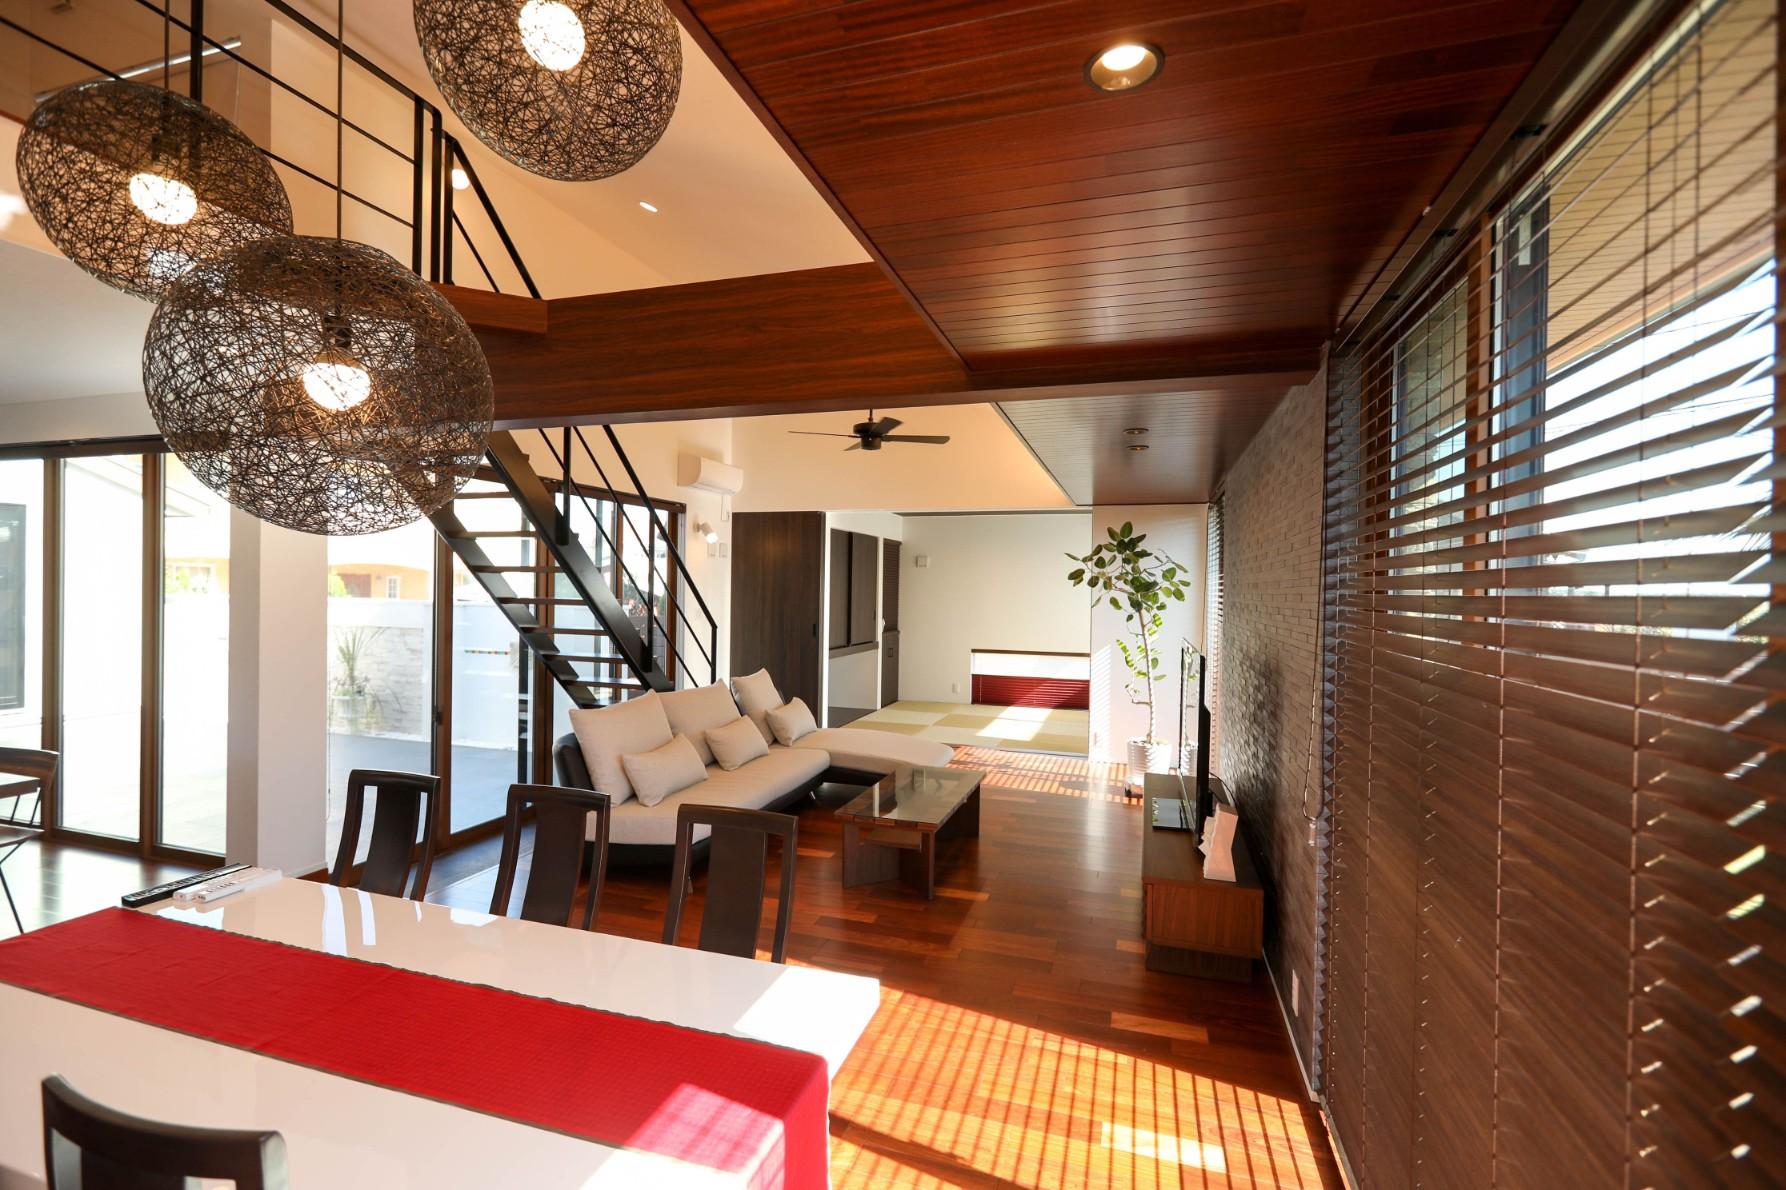 バリ島のリゾートホテル風!おしゃれなアジアン系インテリア空間をつくるポイントまとめ